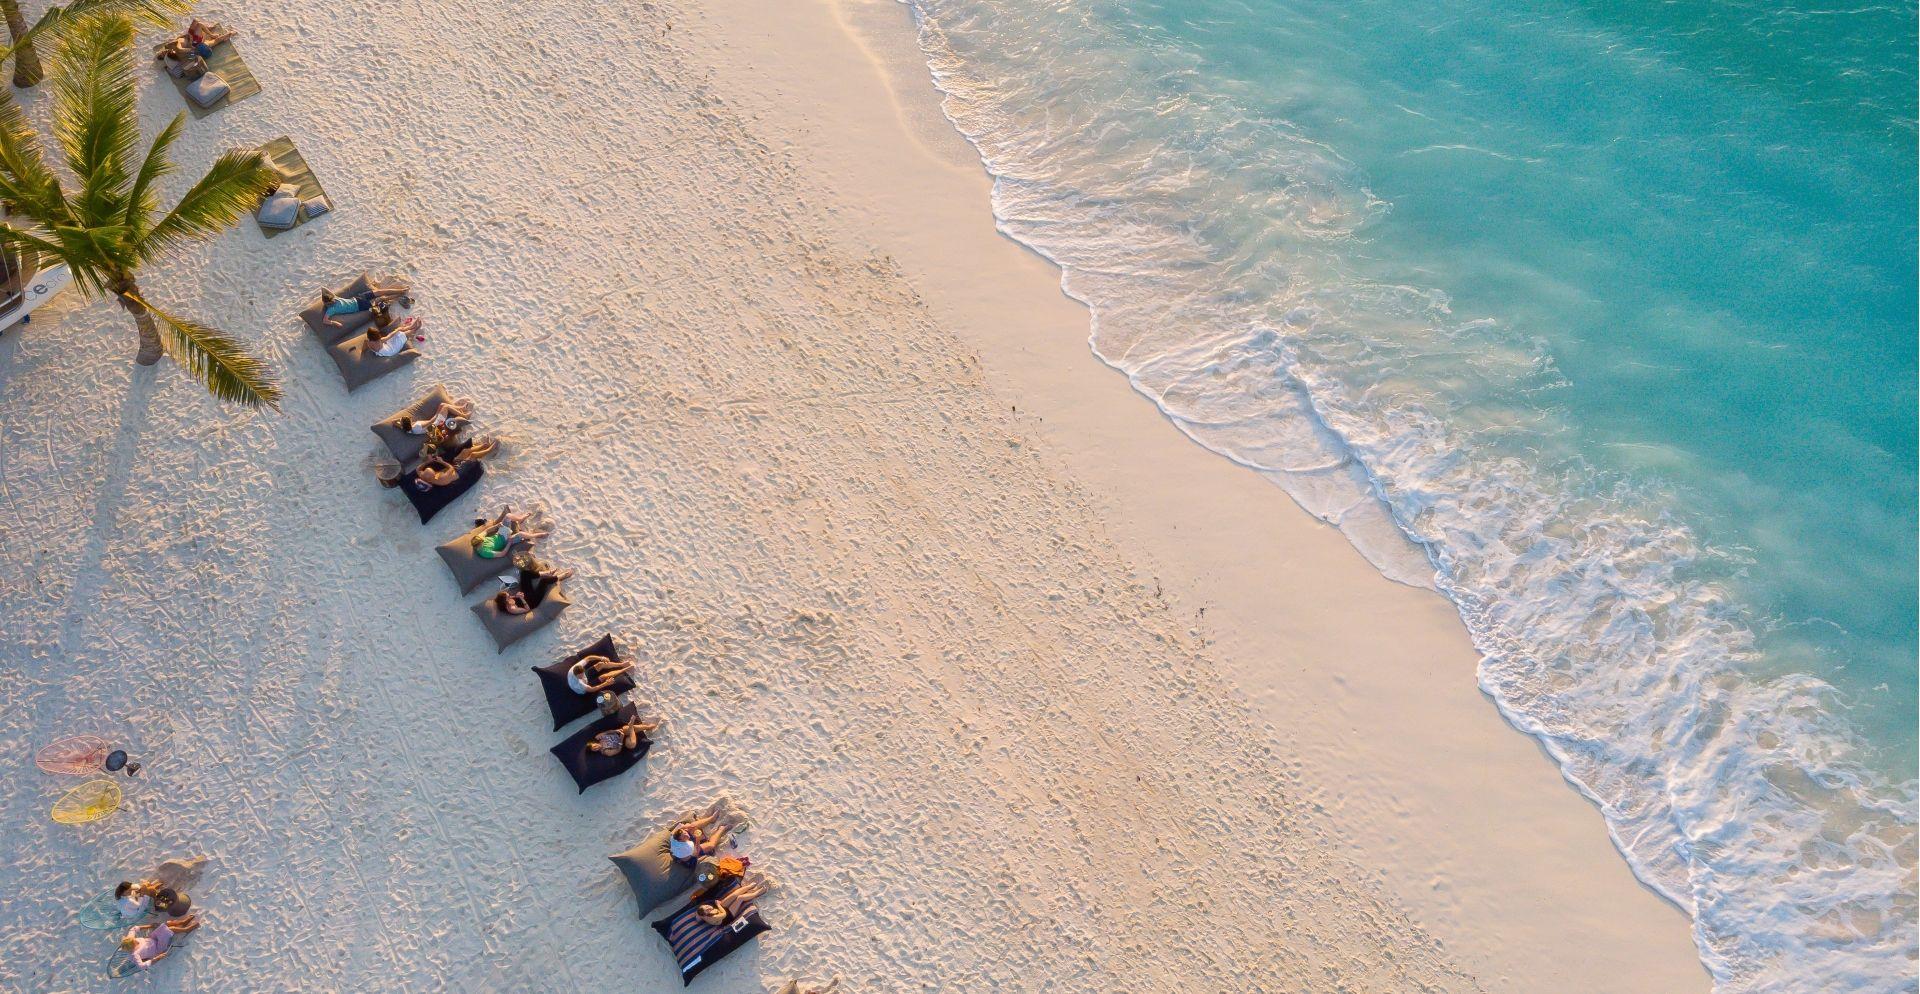 comfy beach